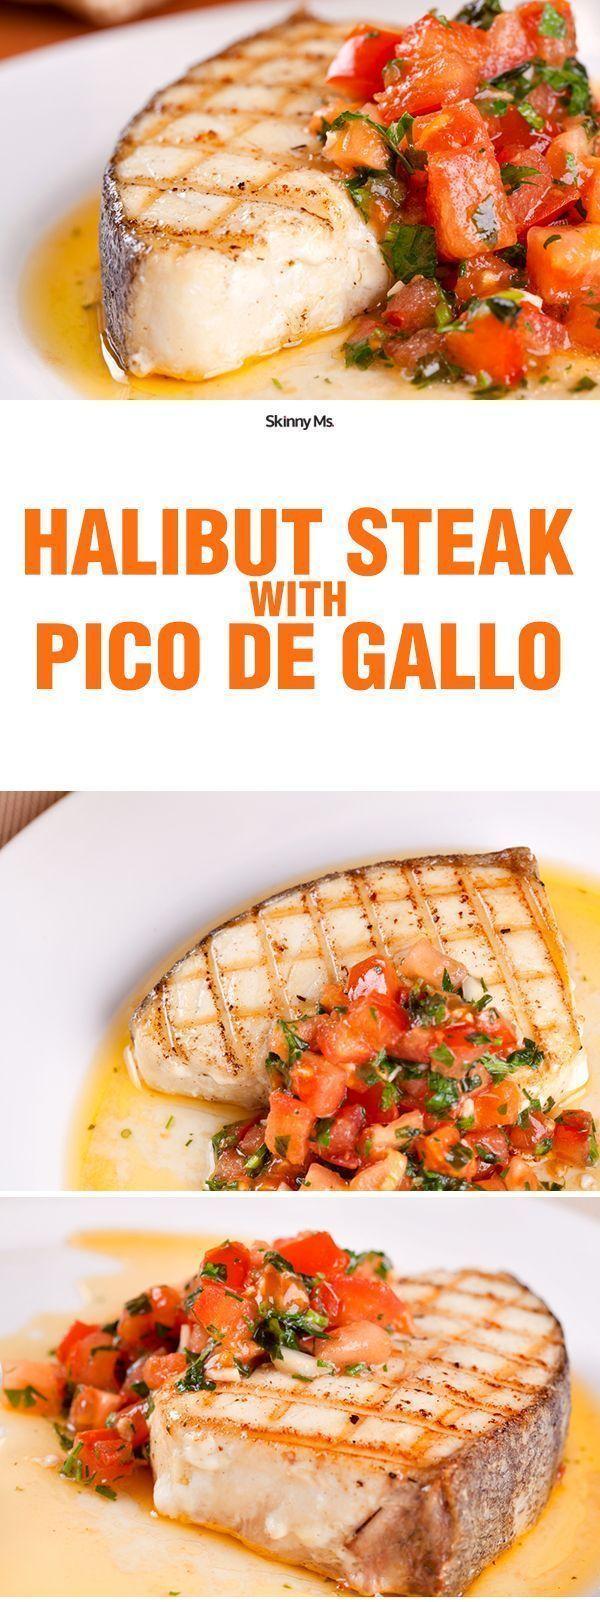 Halibut Steaks with Pico de Gallo